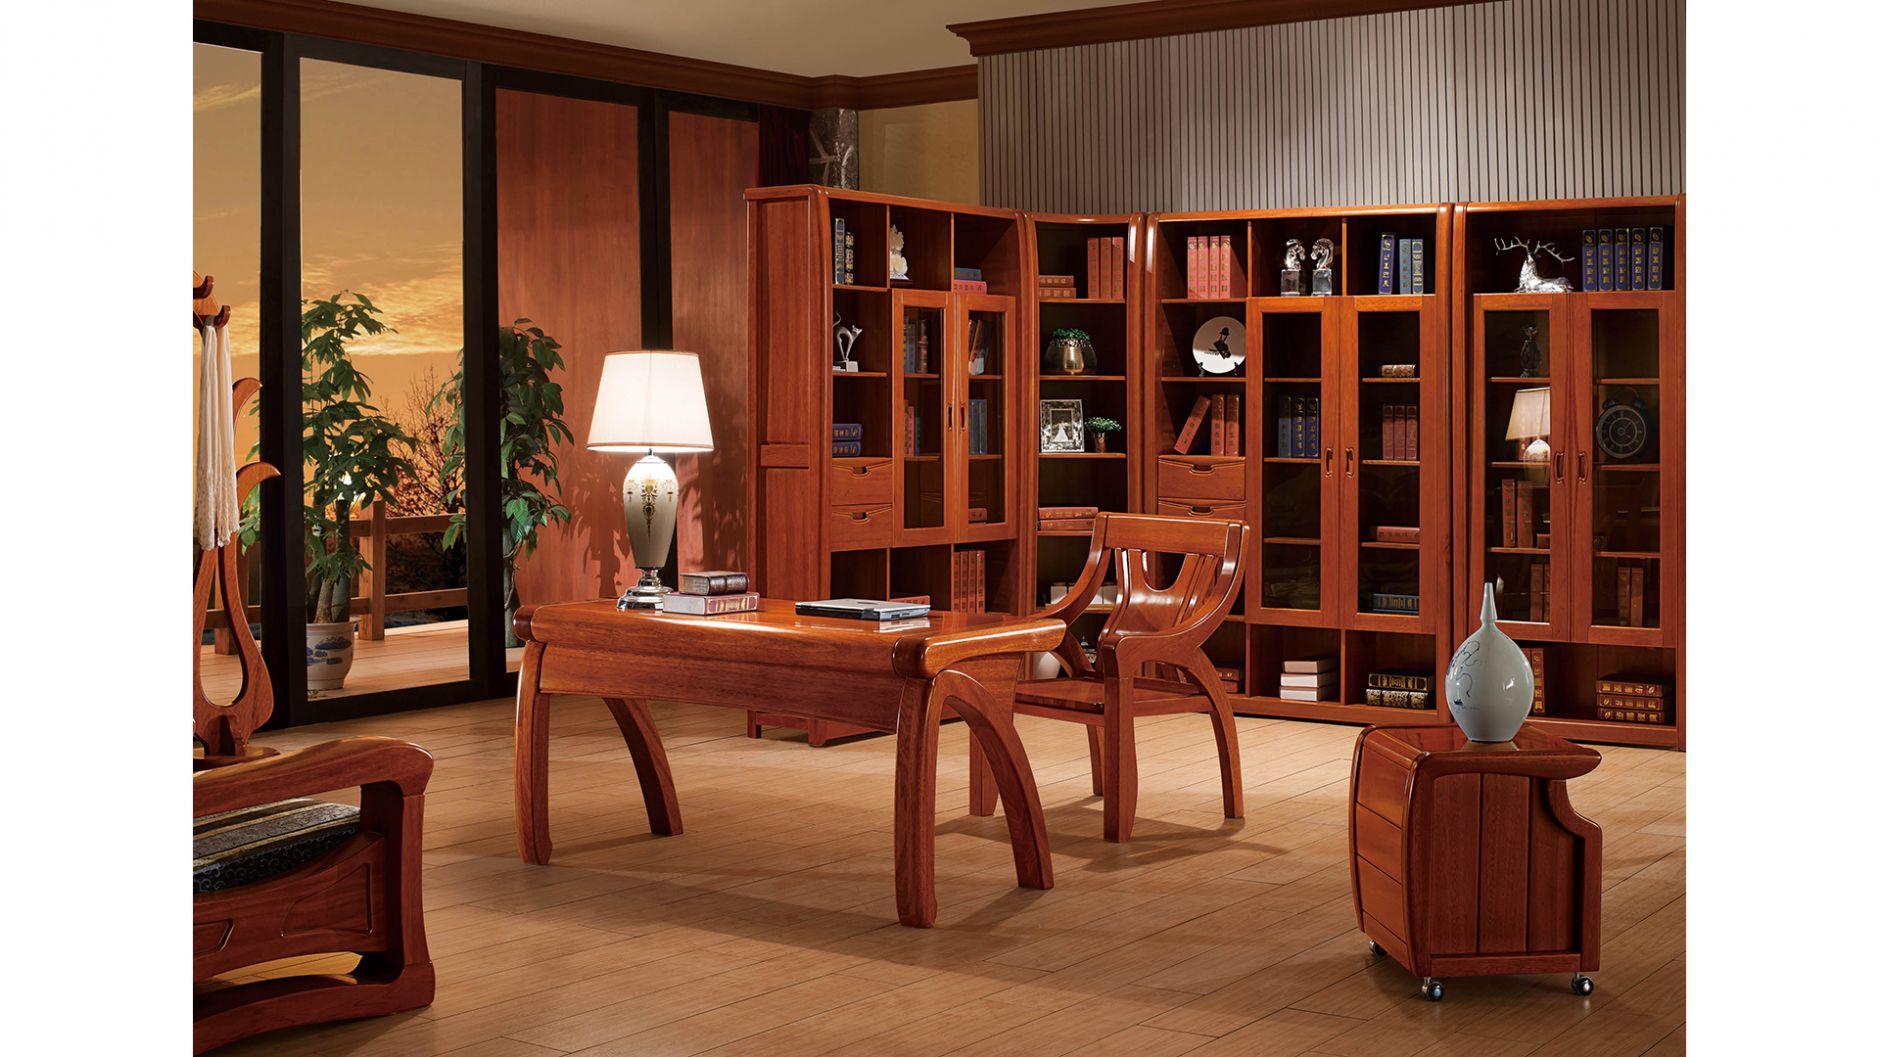 Möbel aus massiv - Büromöbel aus Massive Modell P79 (HT622)Die Möbel ...